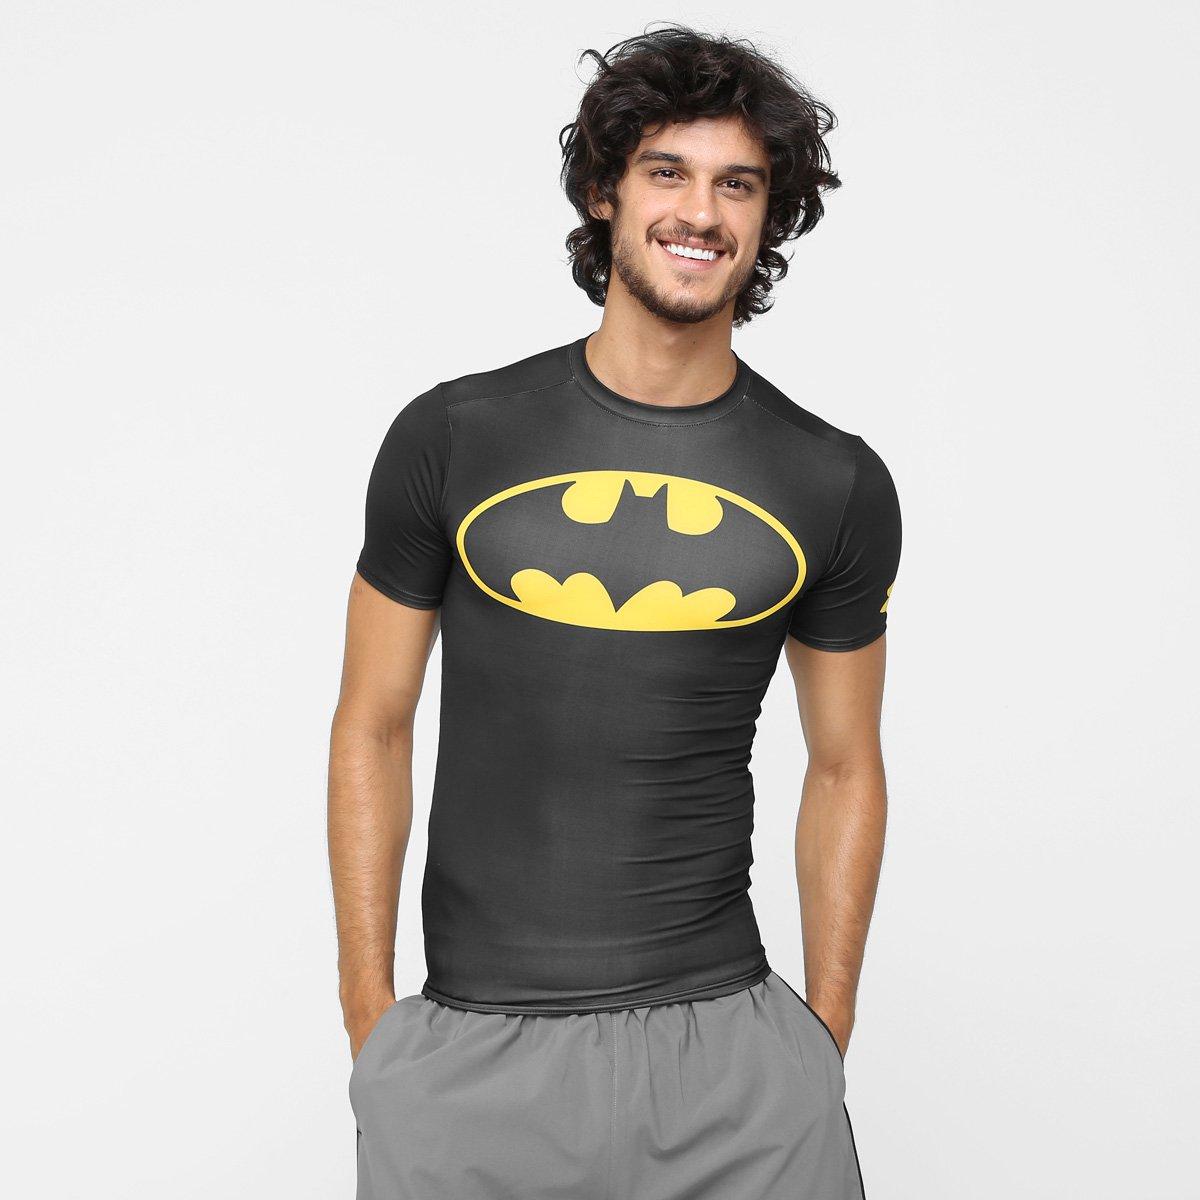 43023debbf8b8 Camiseta de Compressão Under Armour Batman Masculina - Compre Agora ...